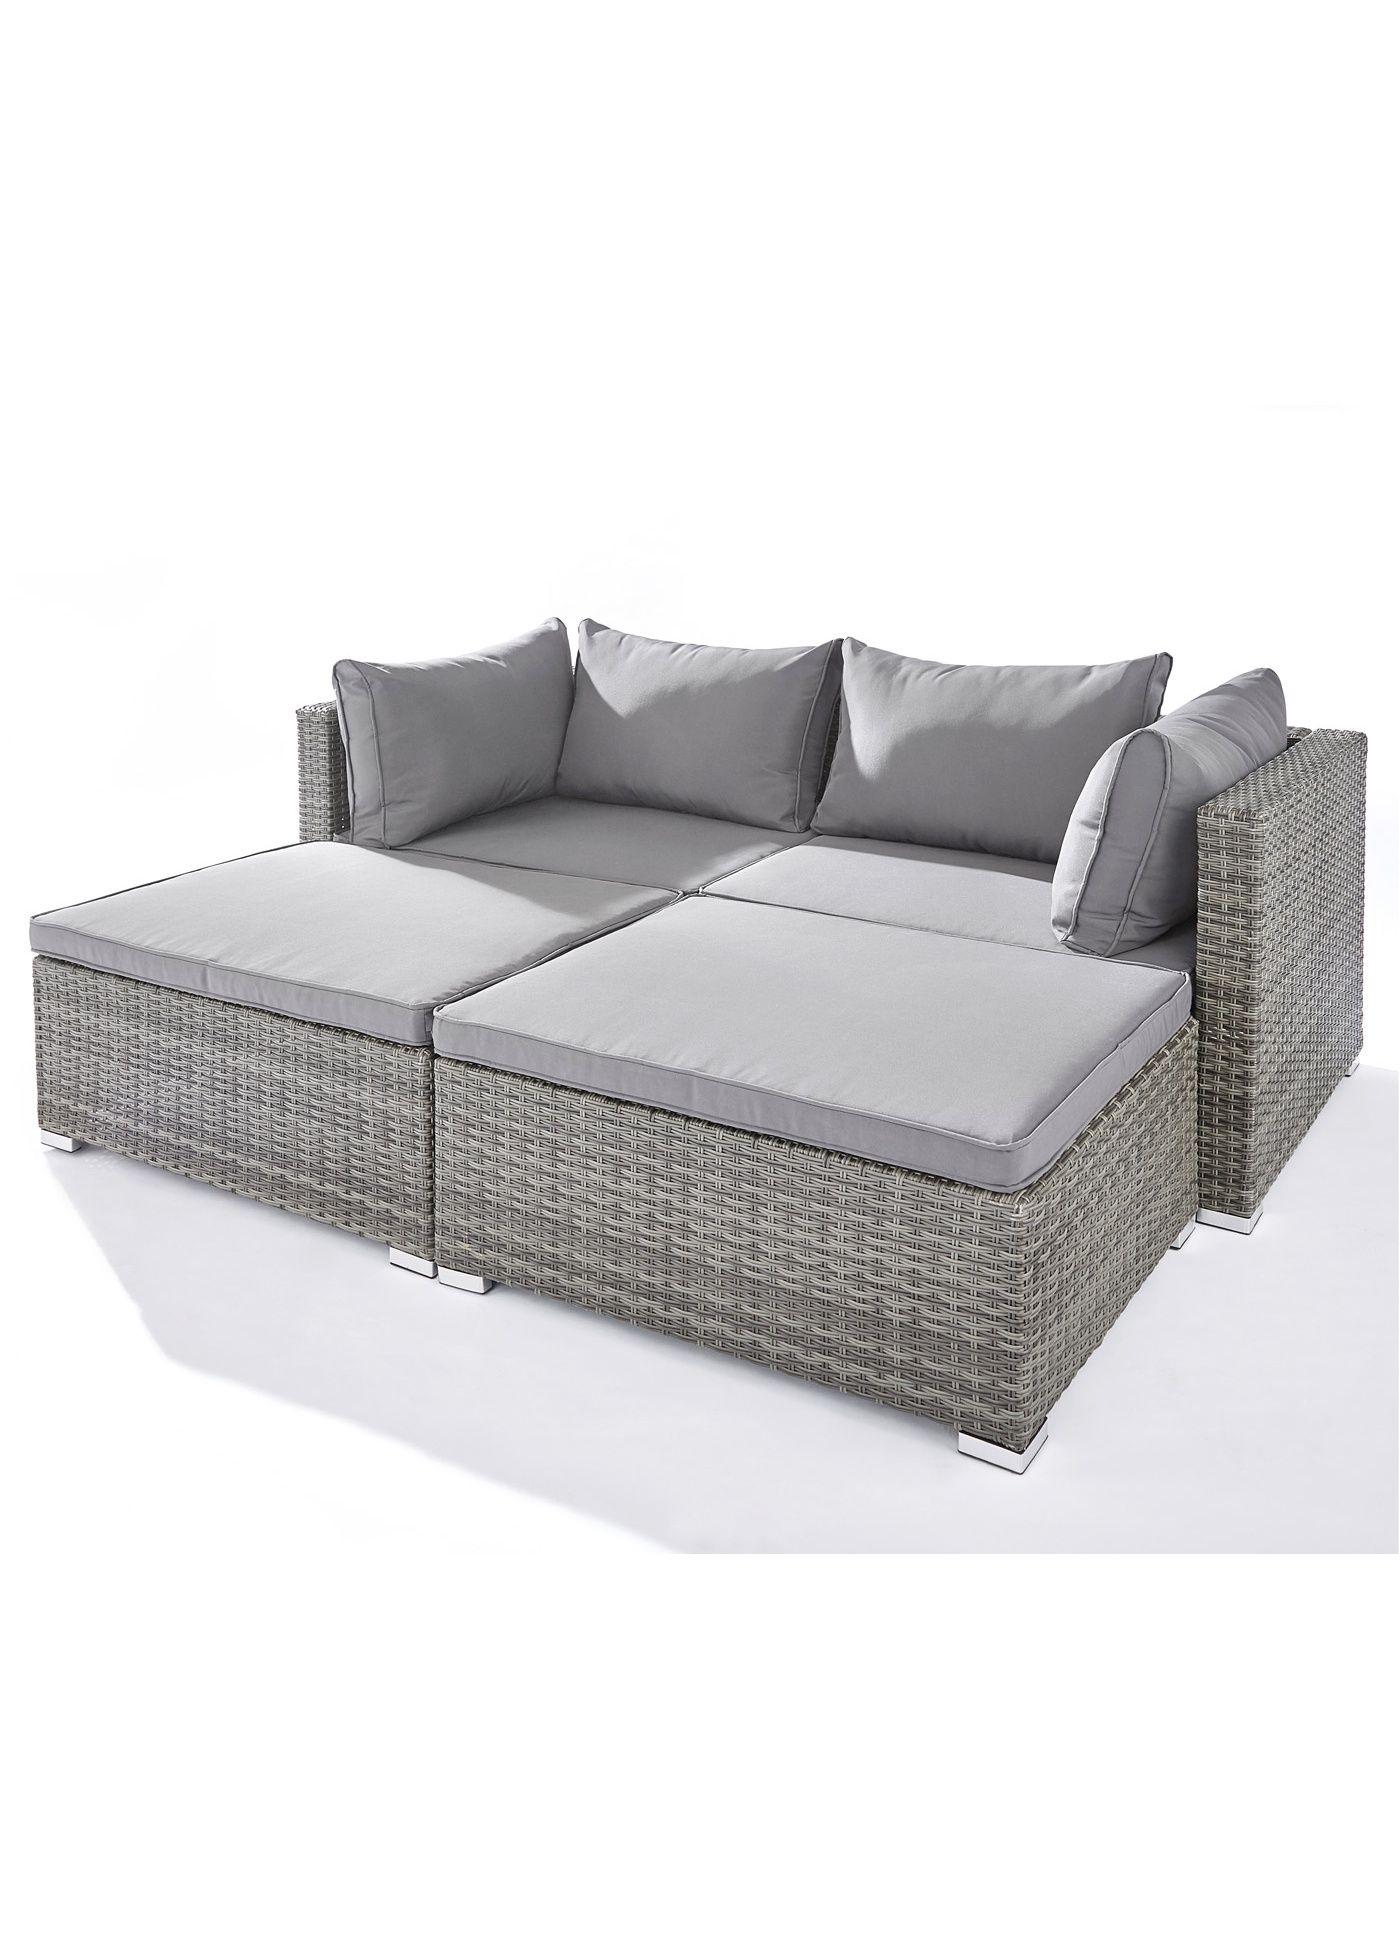 Viele Unterschiedliche Moglichkeiten Diese Elemente Zu Stellen Sehr Bequem Grau In 2021 Gartenmobel Mobel 2 Sitzer Sofa